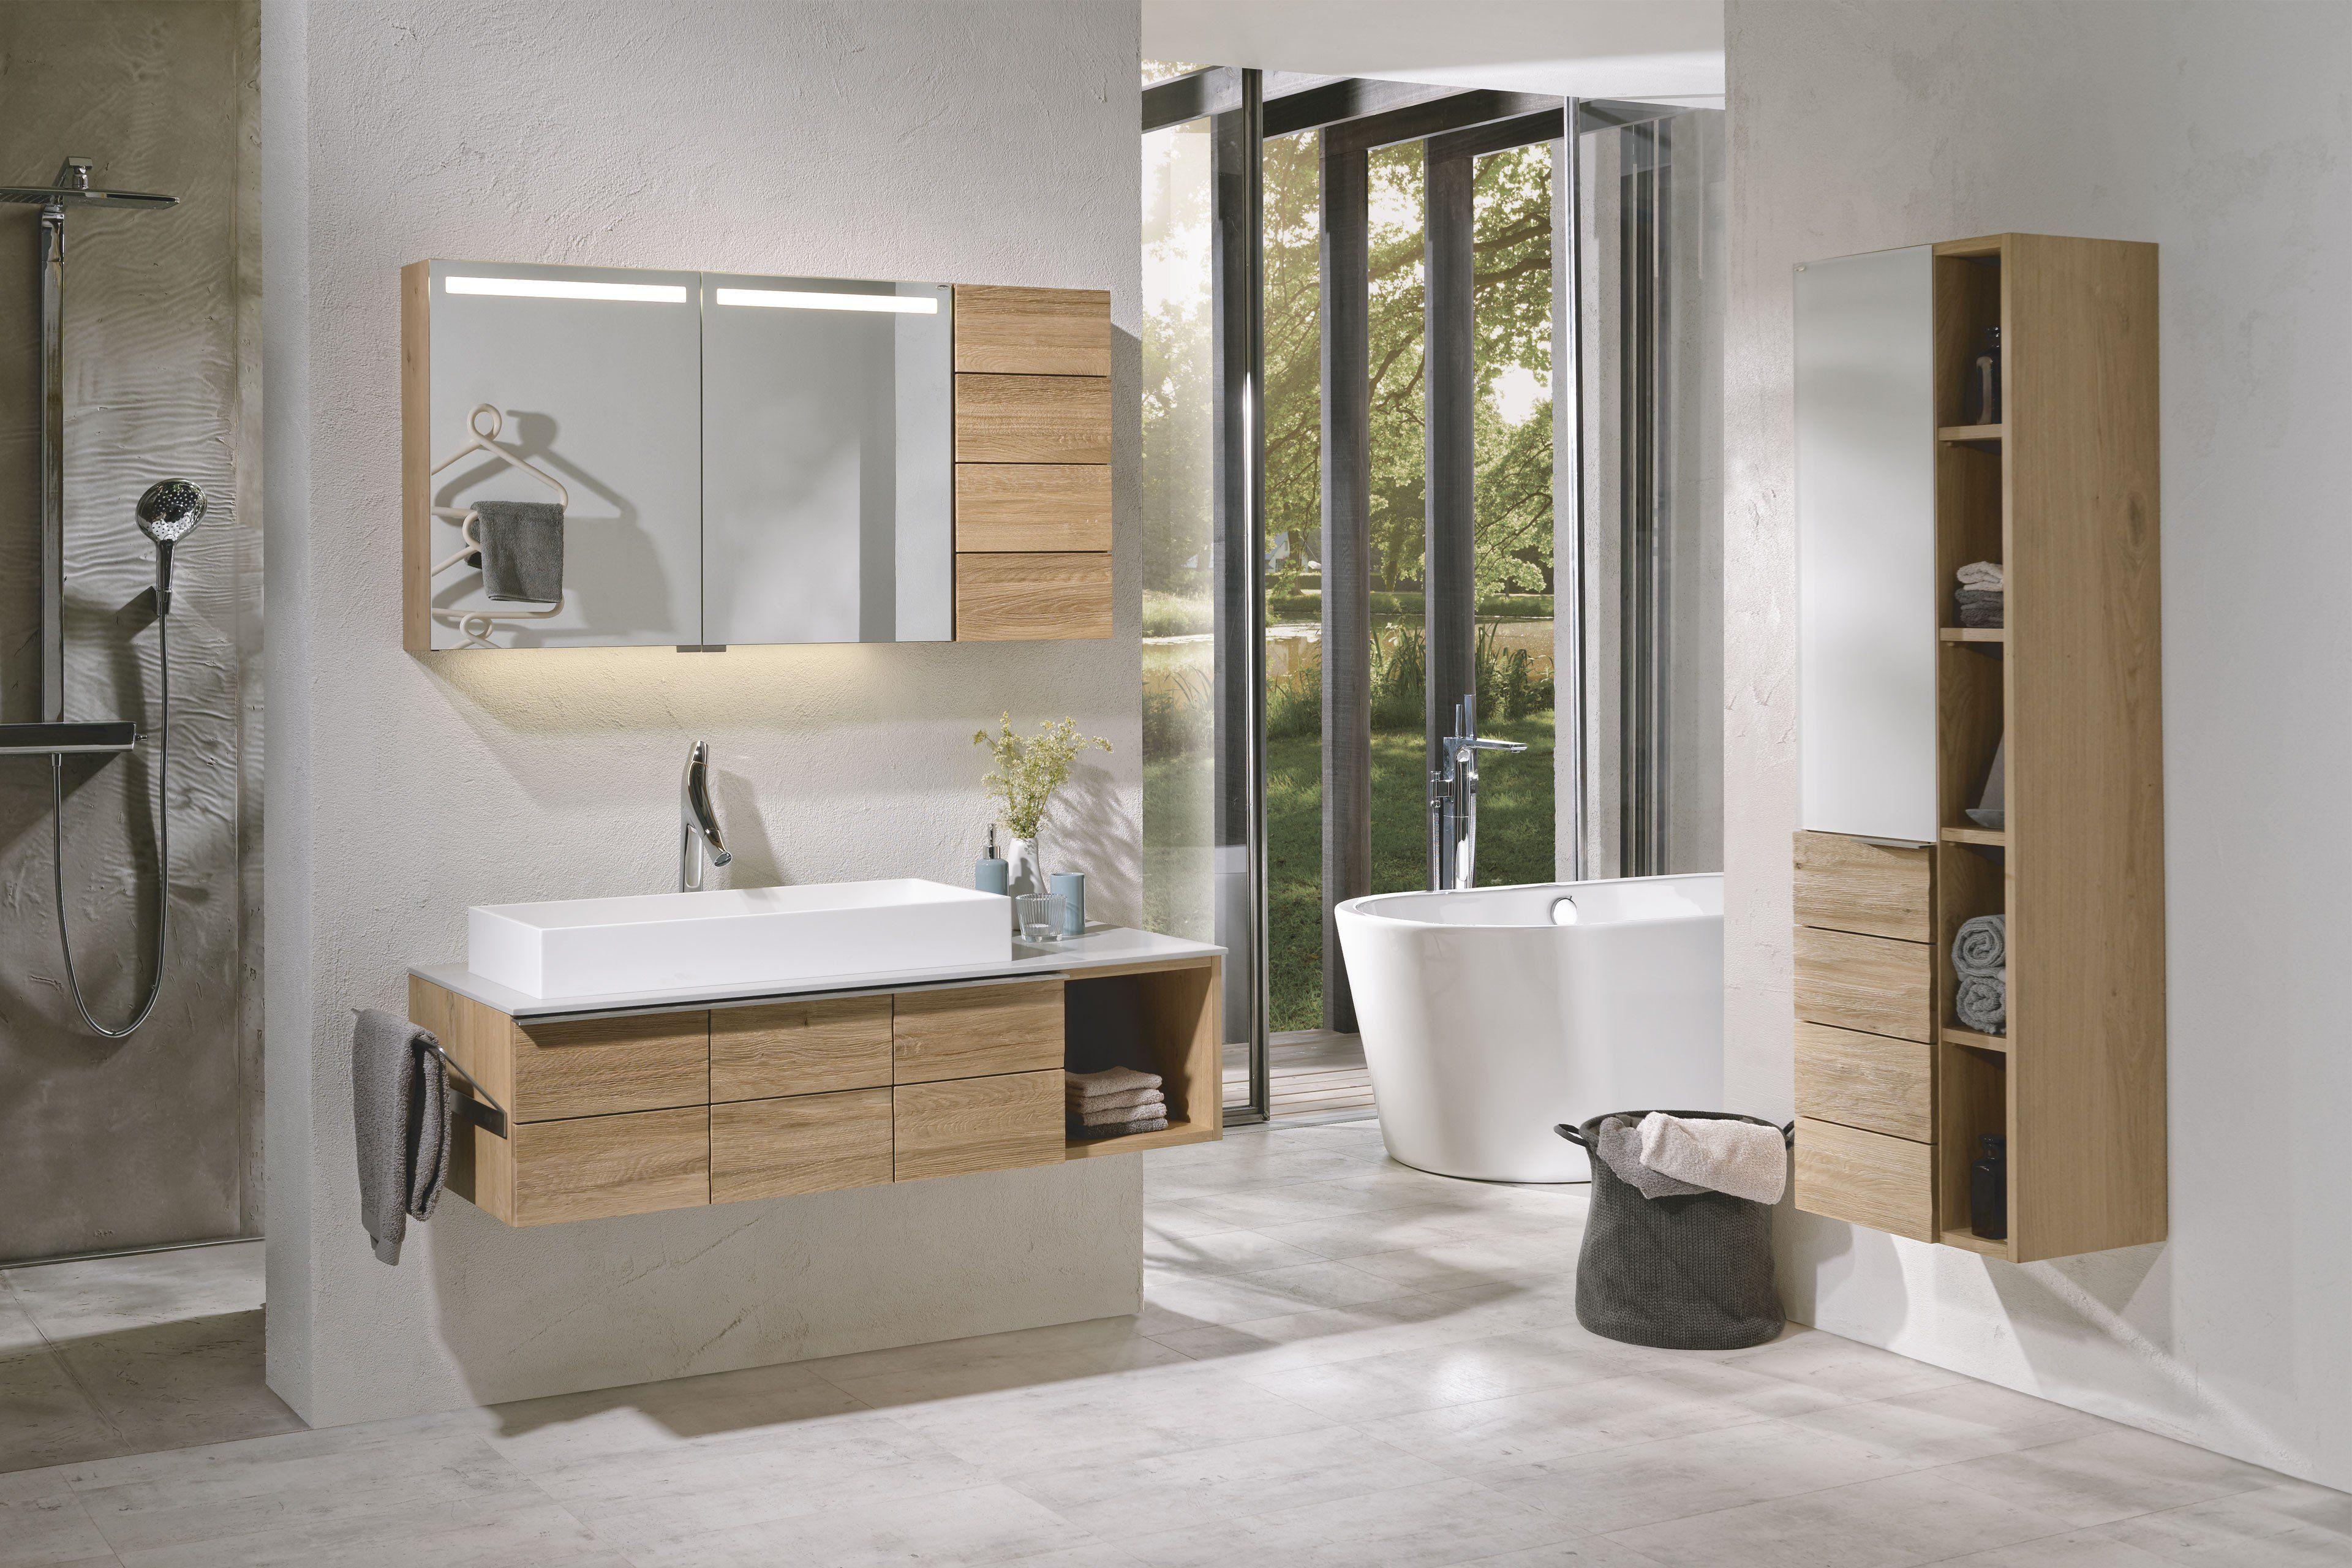 Badezimmer V Montana Von Voglauer Mit Lackierter Wildeiche Mobel Letz Ihr Online Shop Badezimmer Set Mobel Online Kaufen